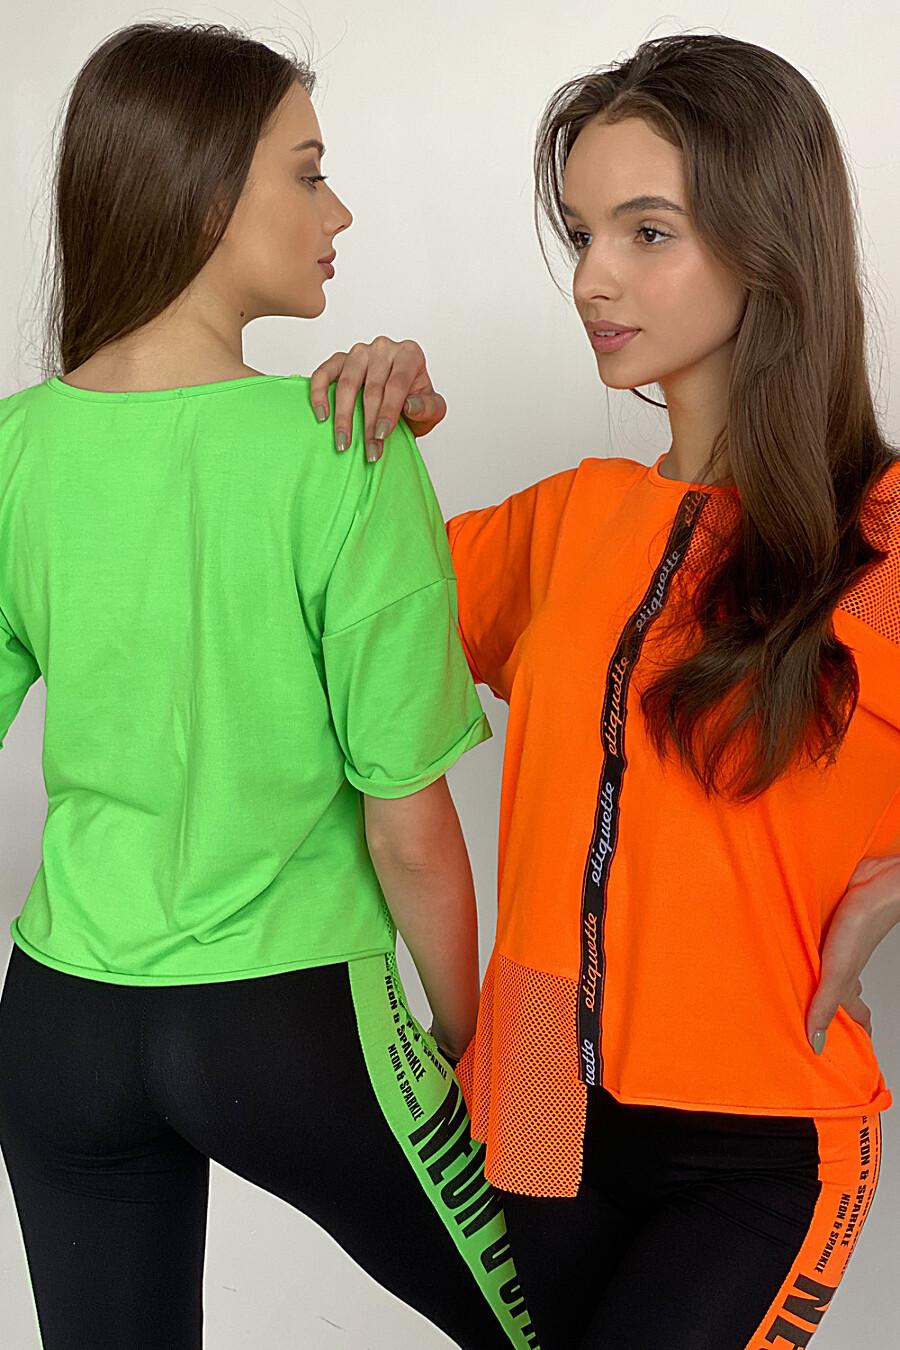 Футболка 8078 для женщин НАТАЛИ 649584 купить оптом от производителя. Совместная покупка женской одежды в OptMoyo